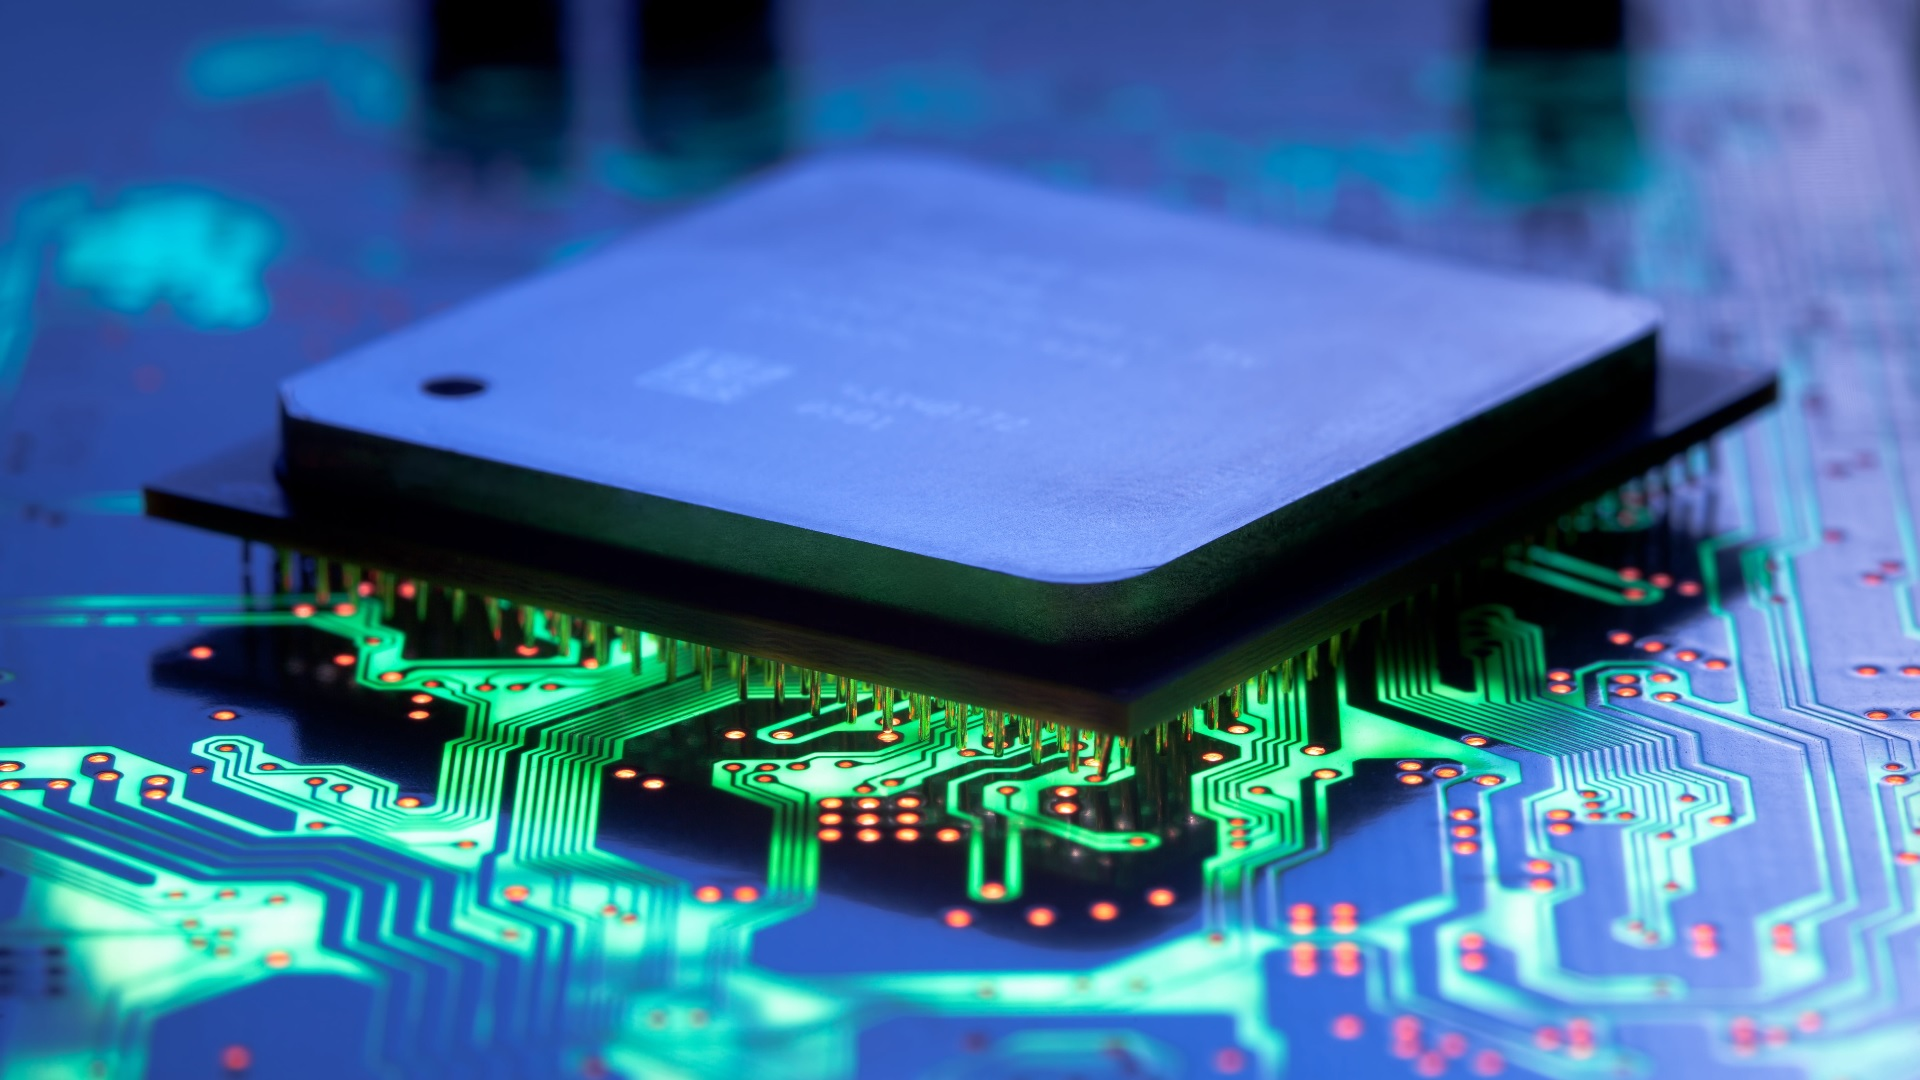 ĐỊNH NGHĨA VỀ APU VÀ SỰ KHÁC BIỆT GIỮA APU & CPU Laptopnew